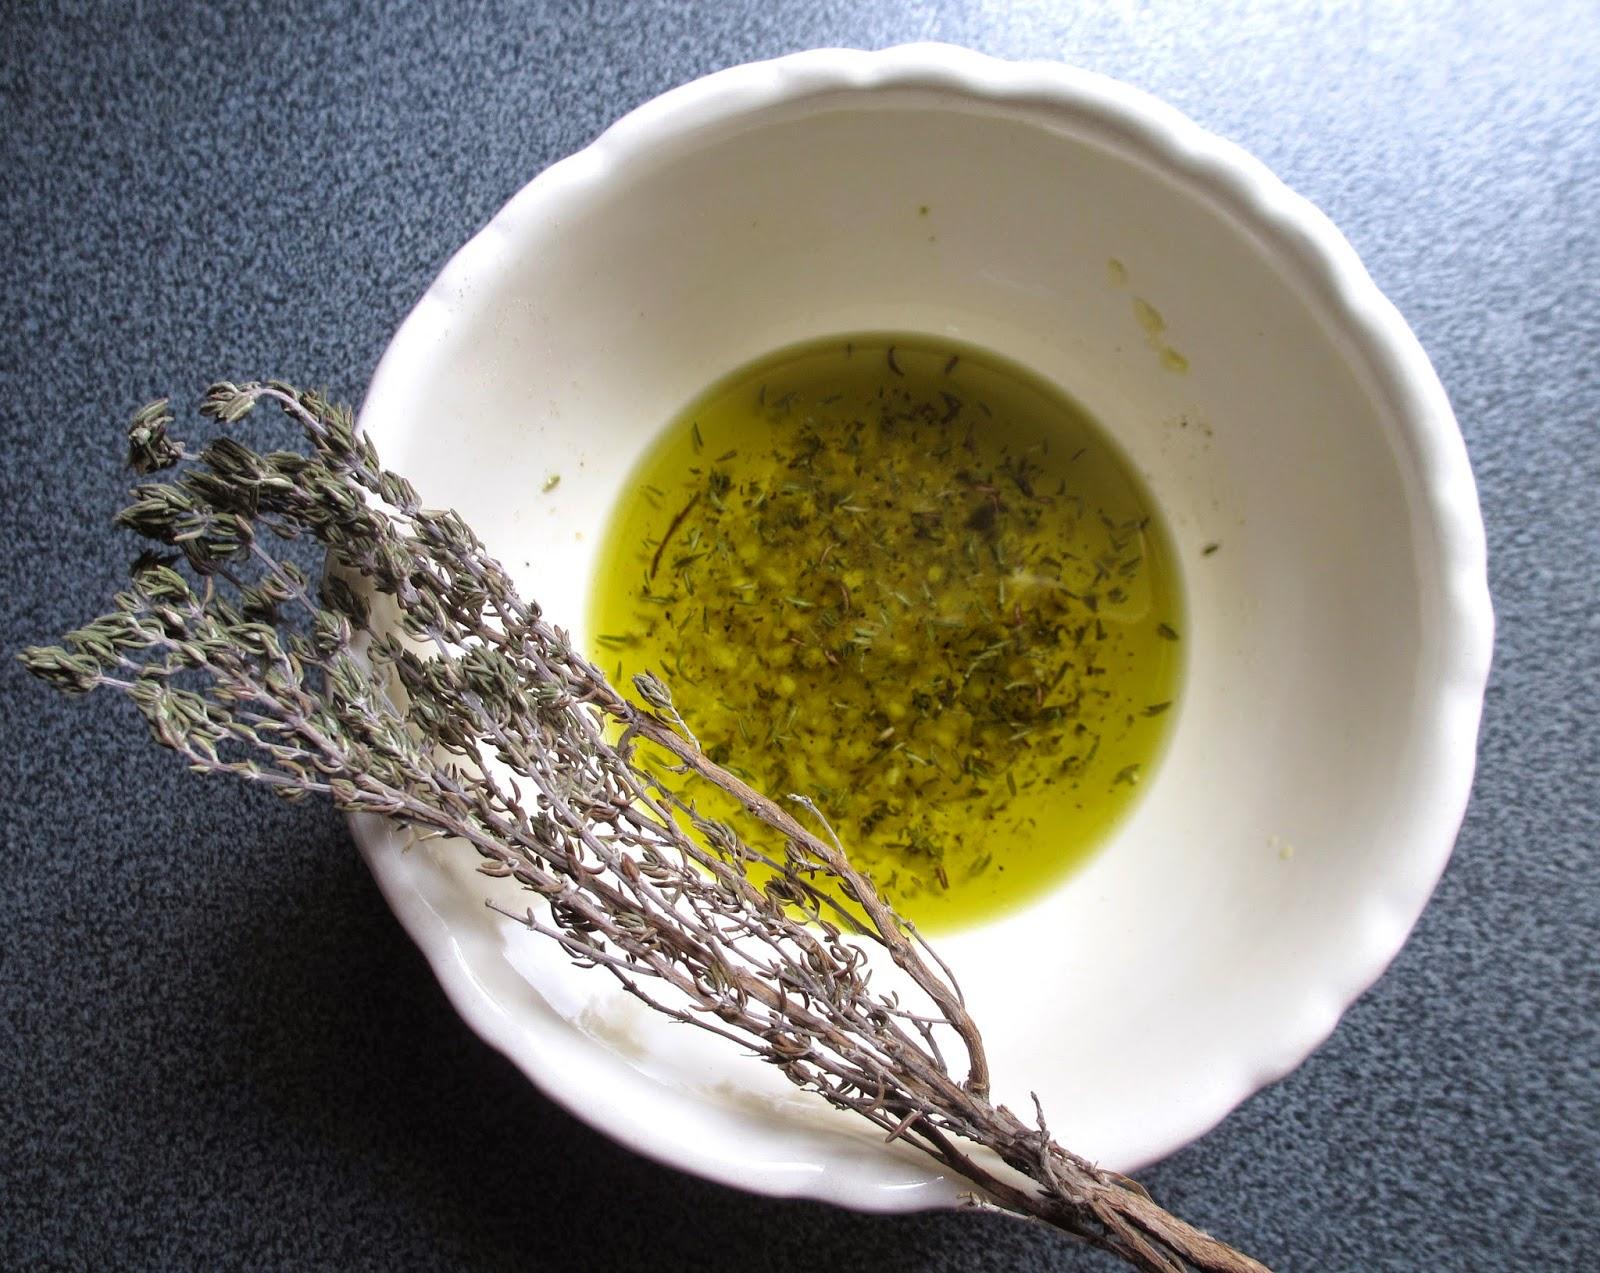 Cooking julia pommes de terre cras es l 39 huile aromatis e - Faire secher du thym ...